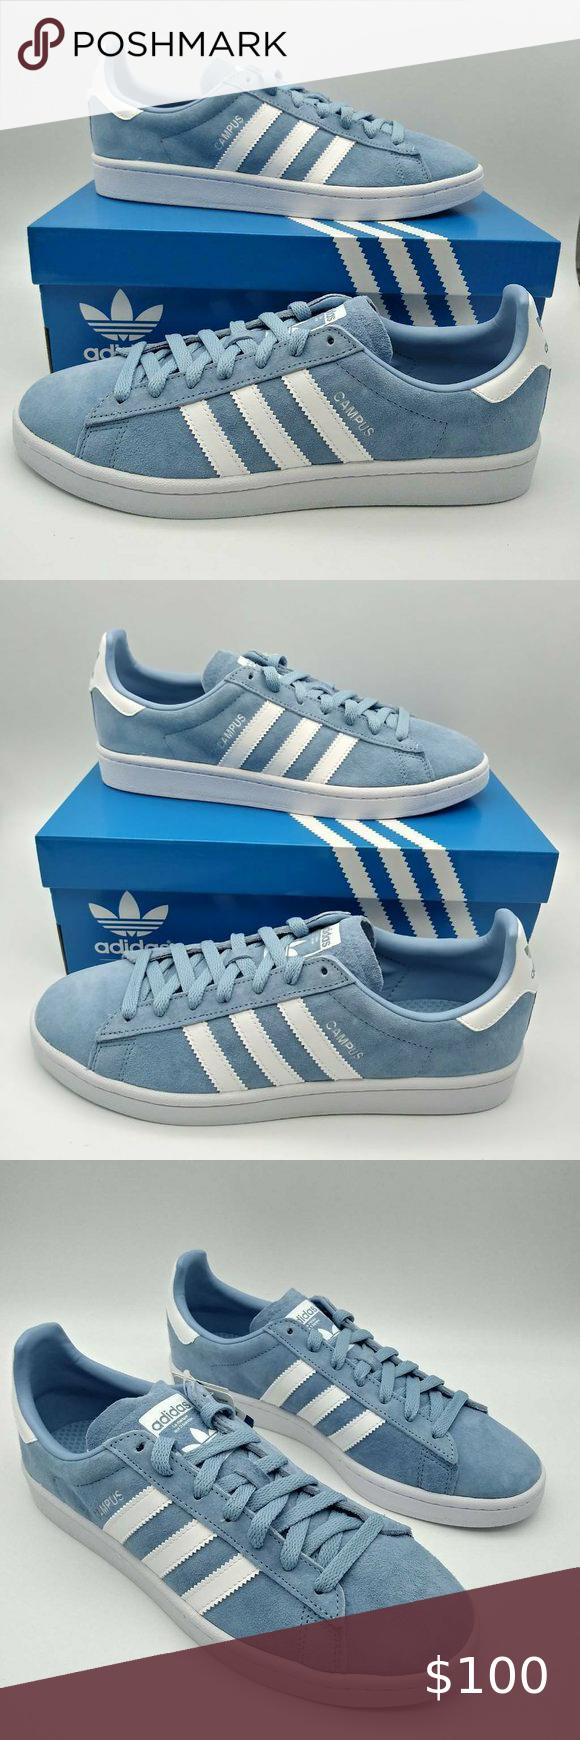 Adidas Mens Originals Campus Sneakers